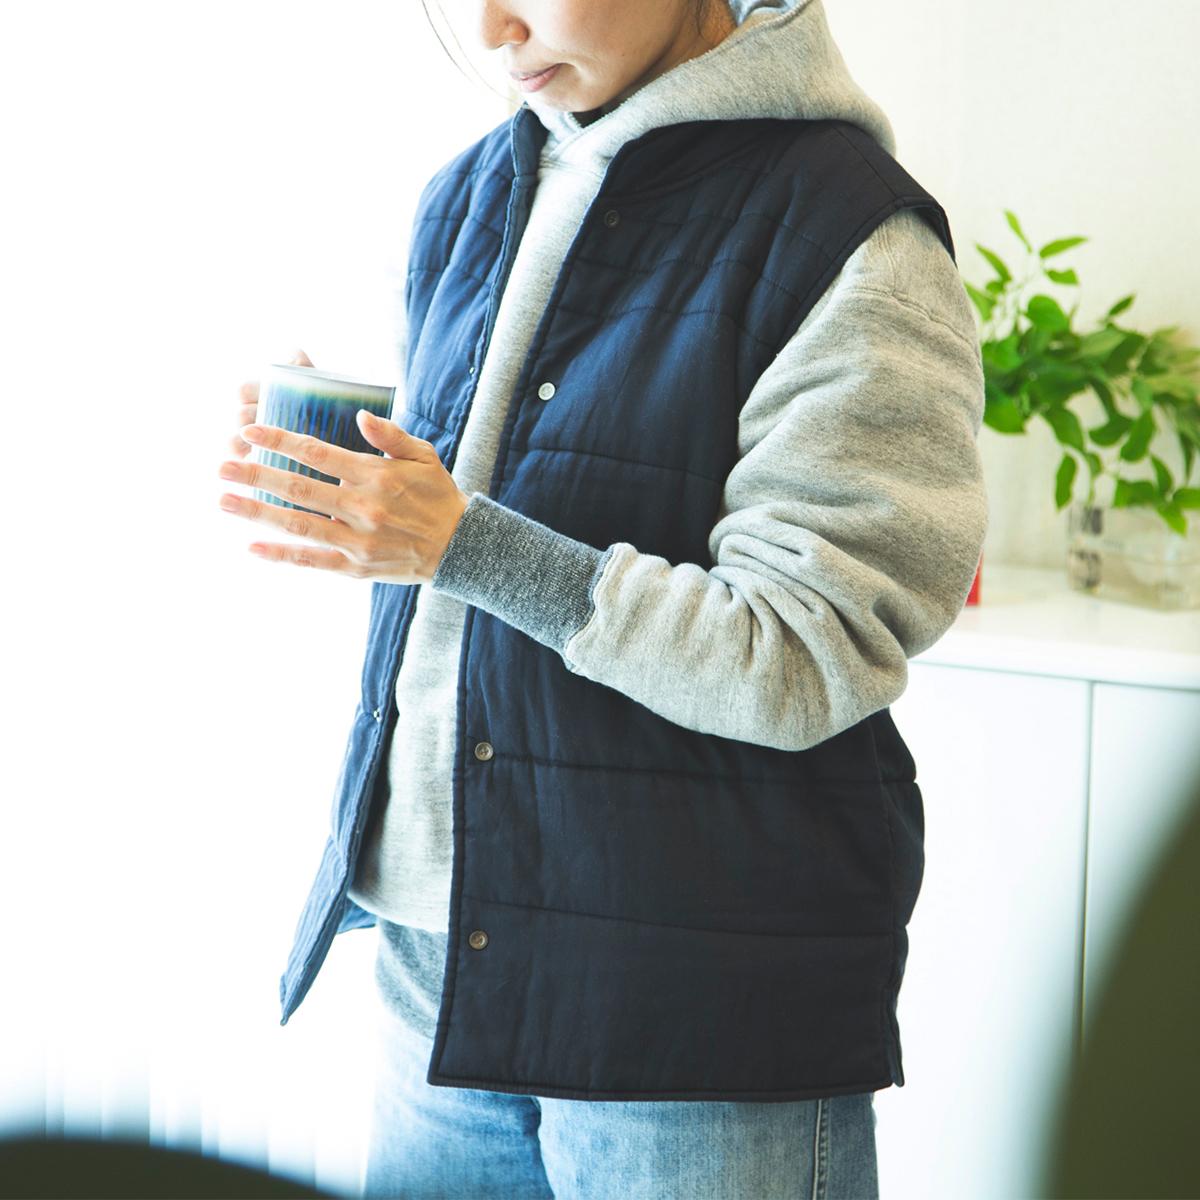 スウェットやパジャマの上にはおるだけで、冷えやすい背中や腰、肩がぬっくぬく。着るだけホッカホカの「中わた入りベスト」(インナーダウン)|IONDOCTOR(イオンドクター)